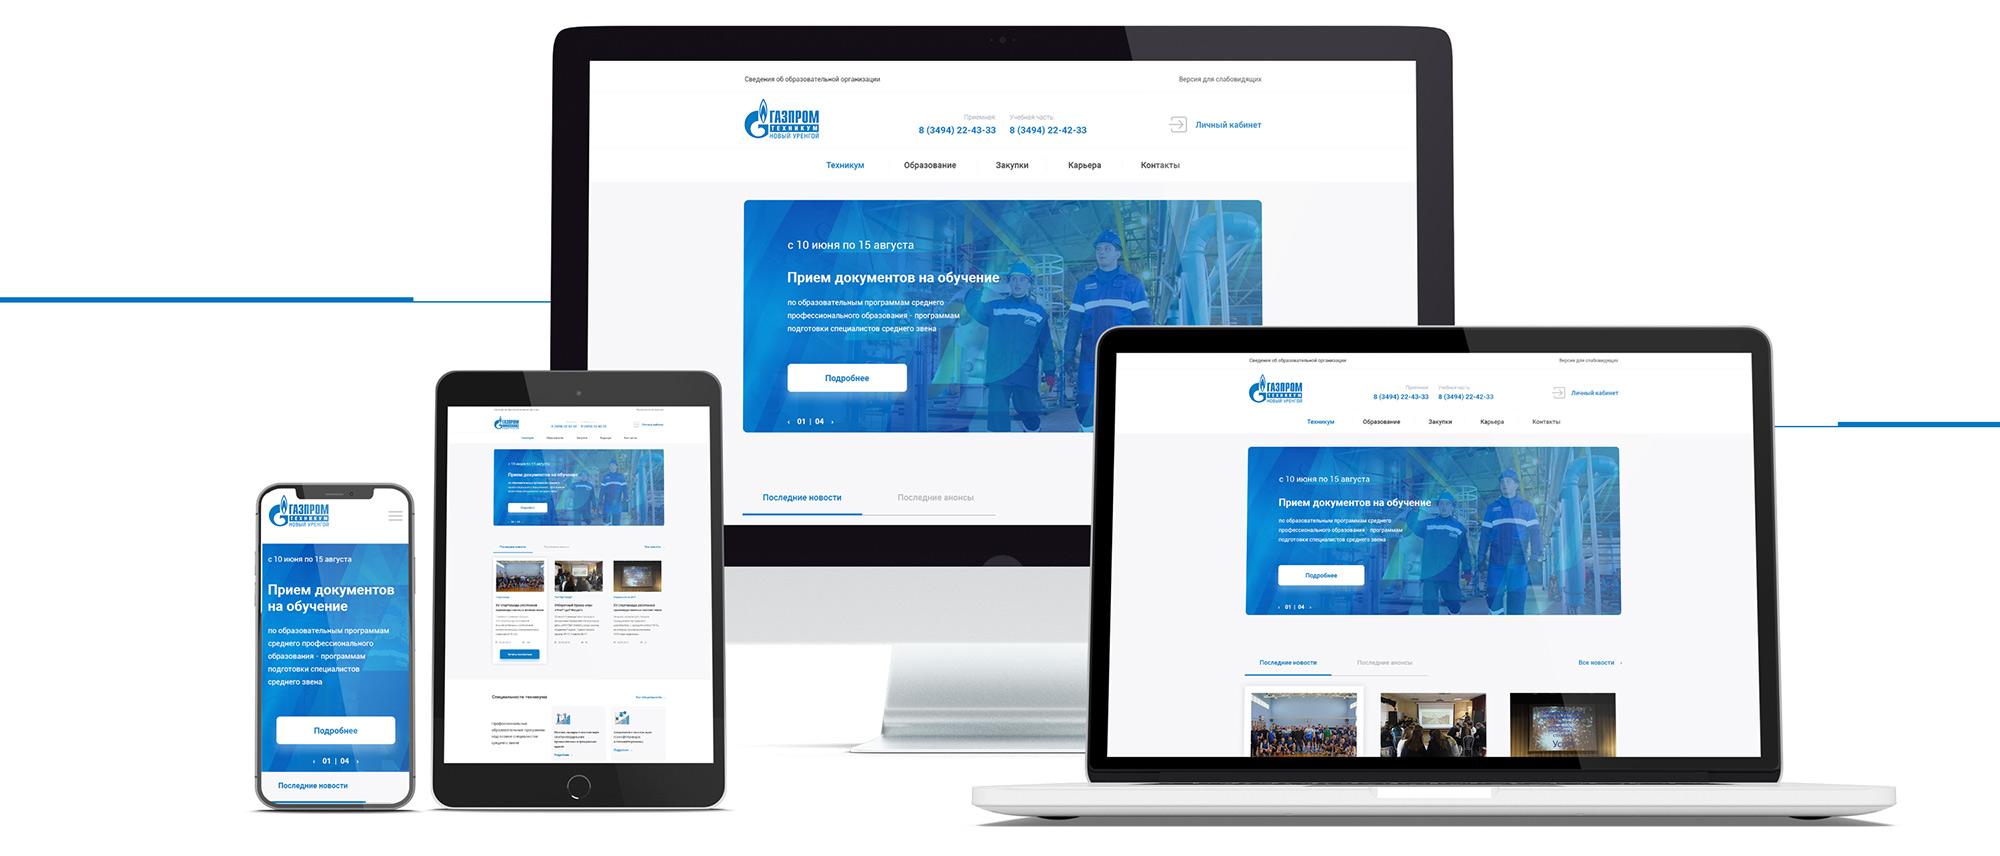 Редизайн сайта колледжа Газпром адаптивный дизайн сайта